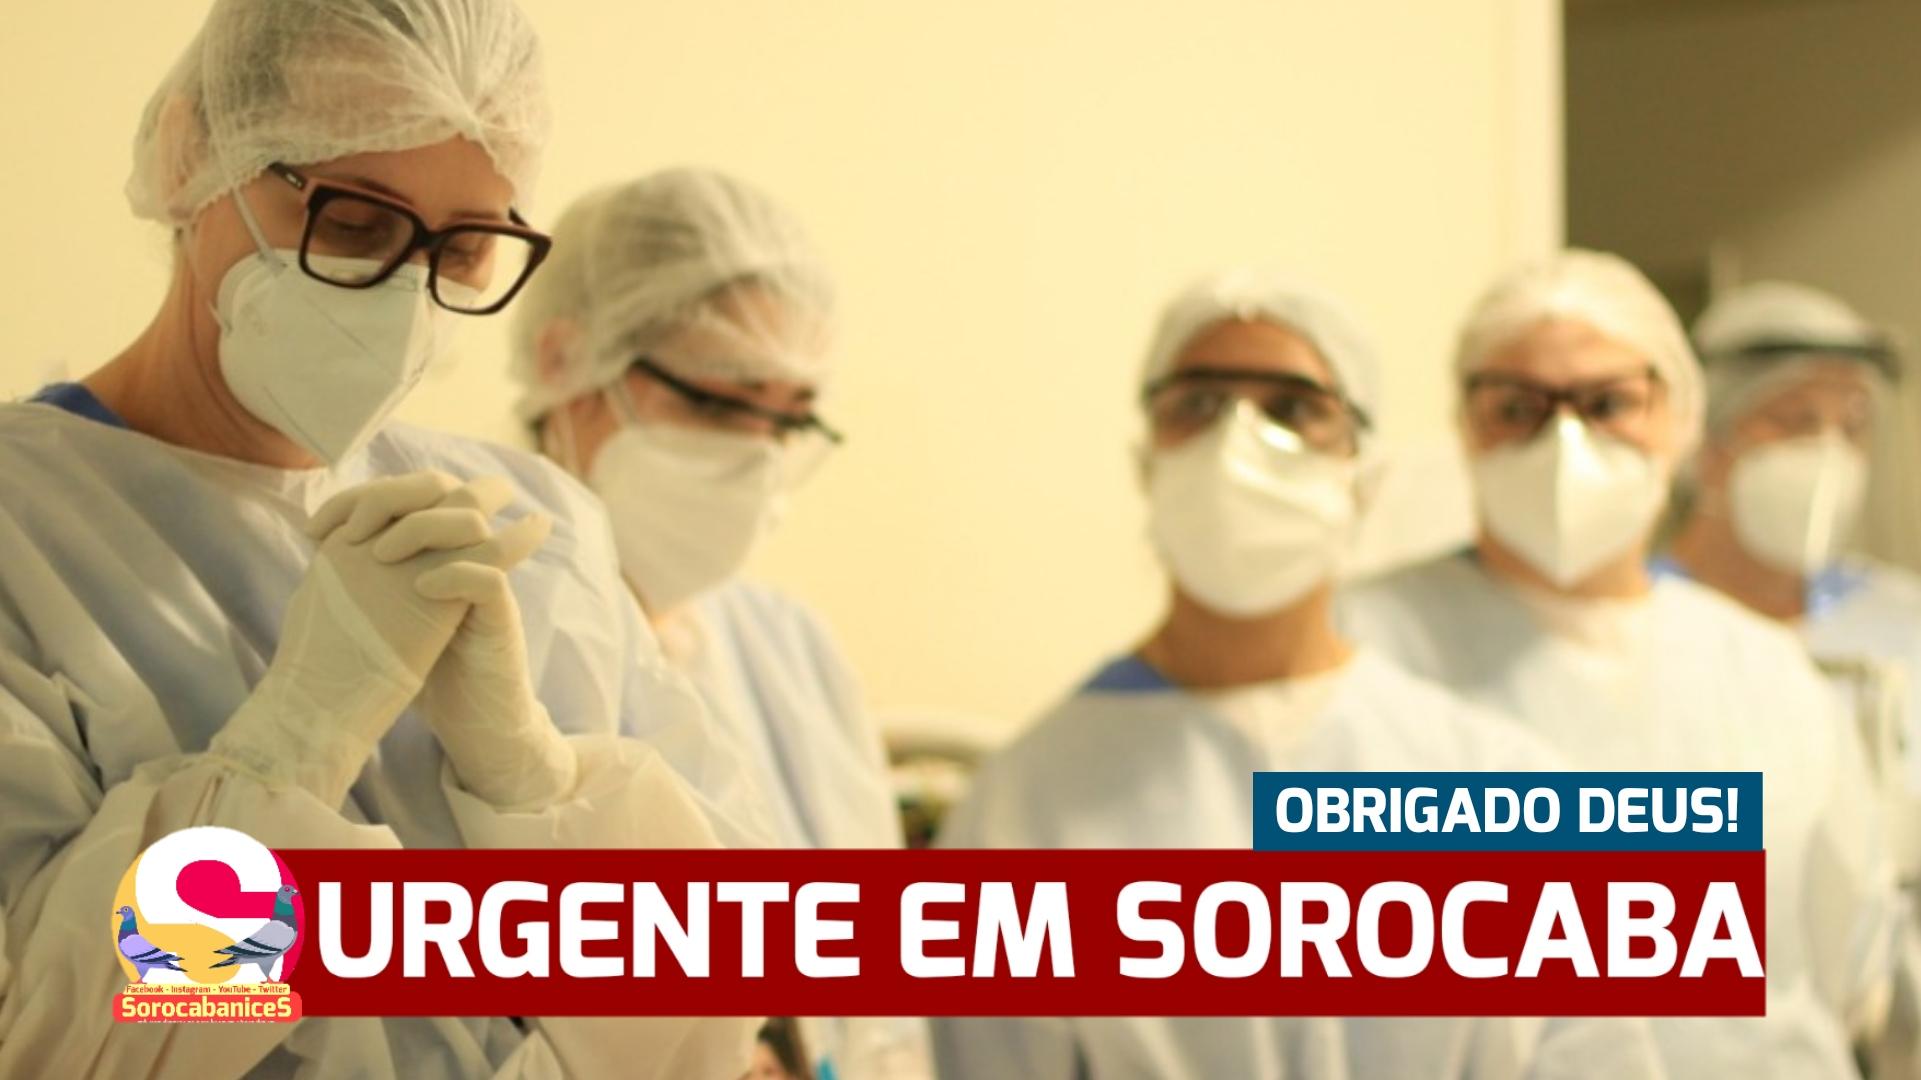 """Sorocaba passa dos 14 mil CURADOS da covid-19; """"OBRIGADO DEUS!"""""""